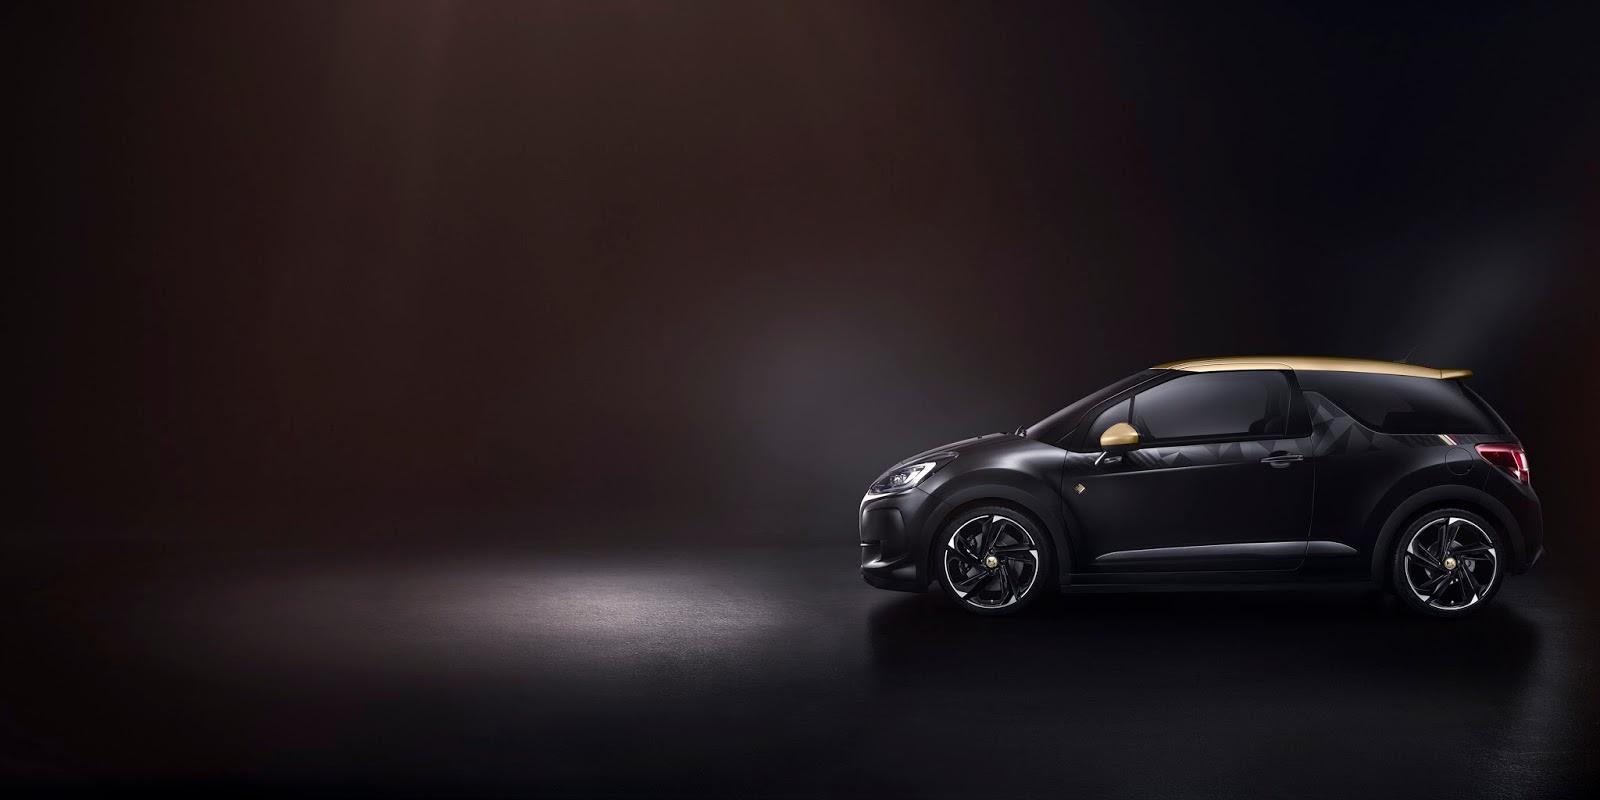 CL%2B16.001.002 Στο Σαλόνι Αυτοκινήτου της Γενεύης η παγκόσμια πρεμιέρα για το DS 3 PERFORMANCE & DS 3 Cabrio PERFORMANCE των 208 ίππων ds 3, DS 3 PERFORMANCE, DS 4, DS 4 Crossback, DS 5, DS Automobiles, Virtual Garage, Σαλόνι Αυτοκινήτου, Σαλόνι Αυτοκινήτου της Γενεύης